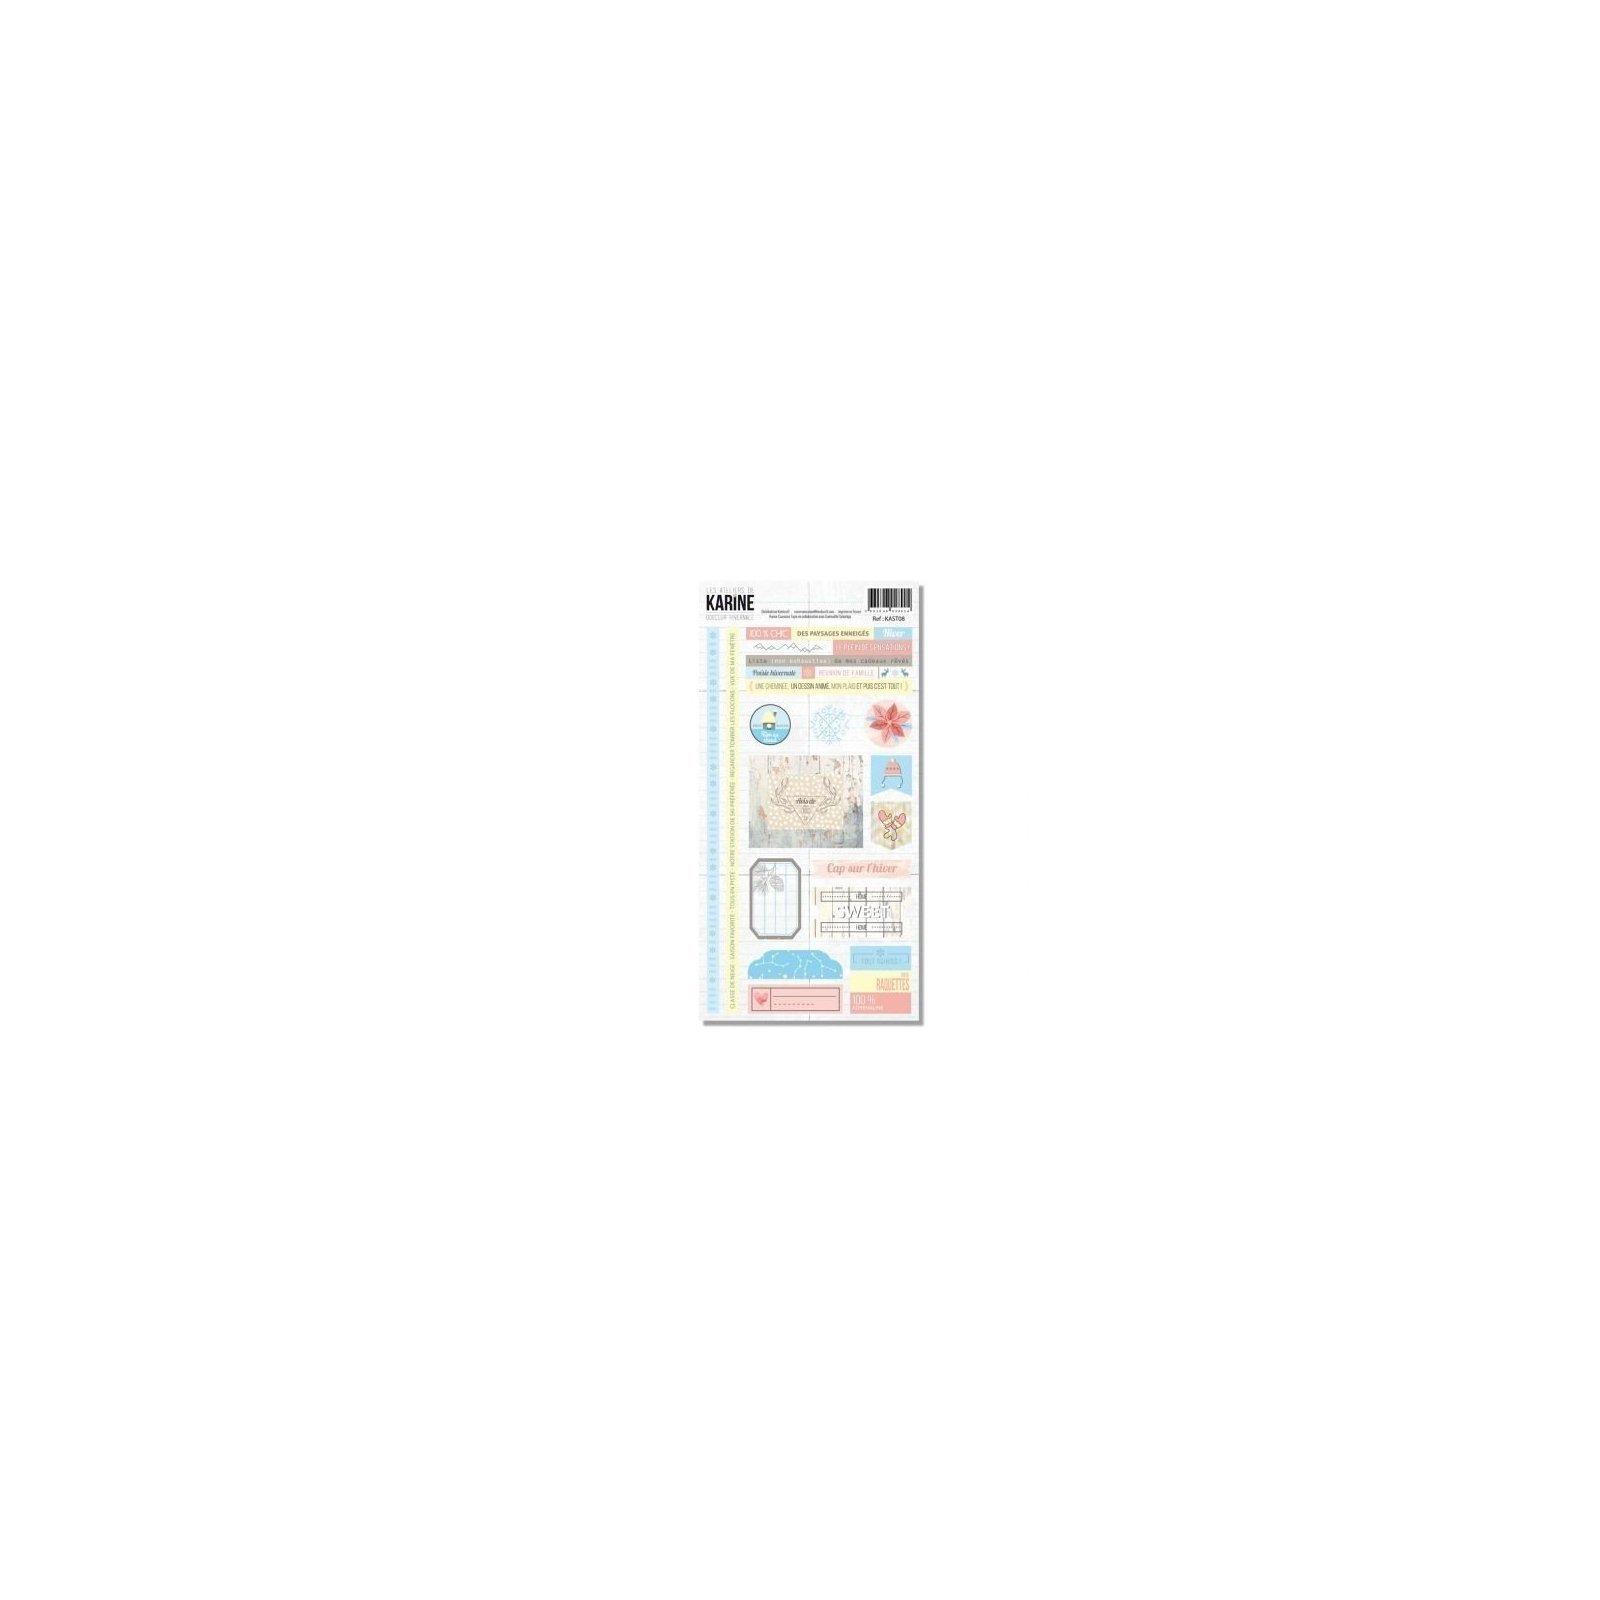 Planche de stickers - Douceur hivernale - Les ateliers de Karine